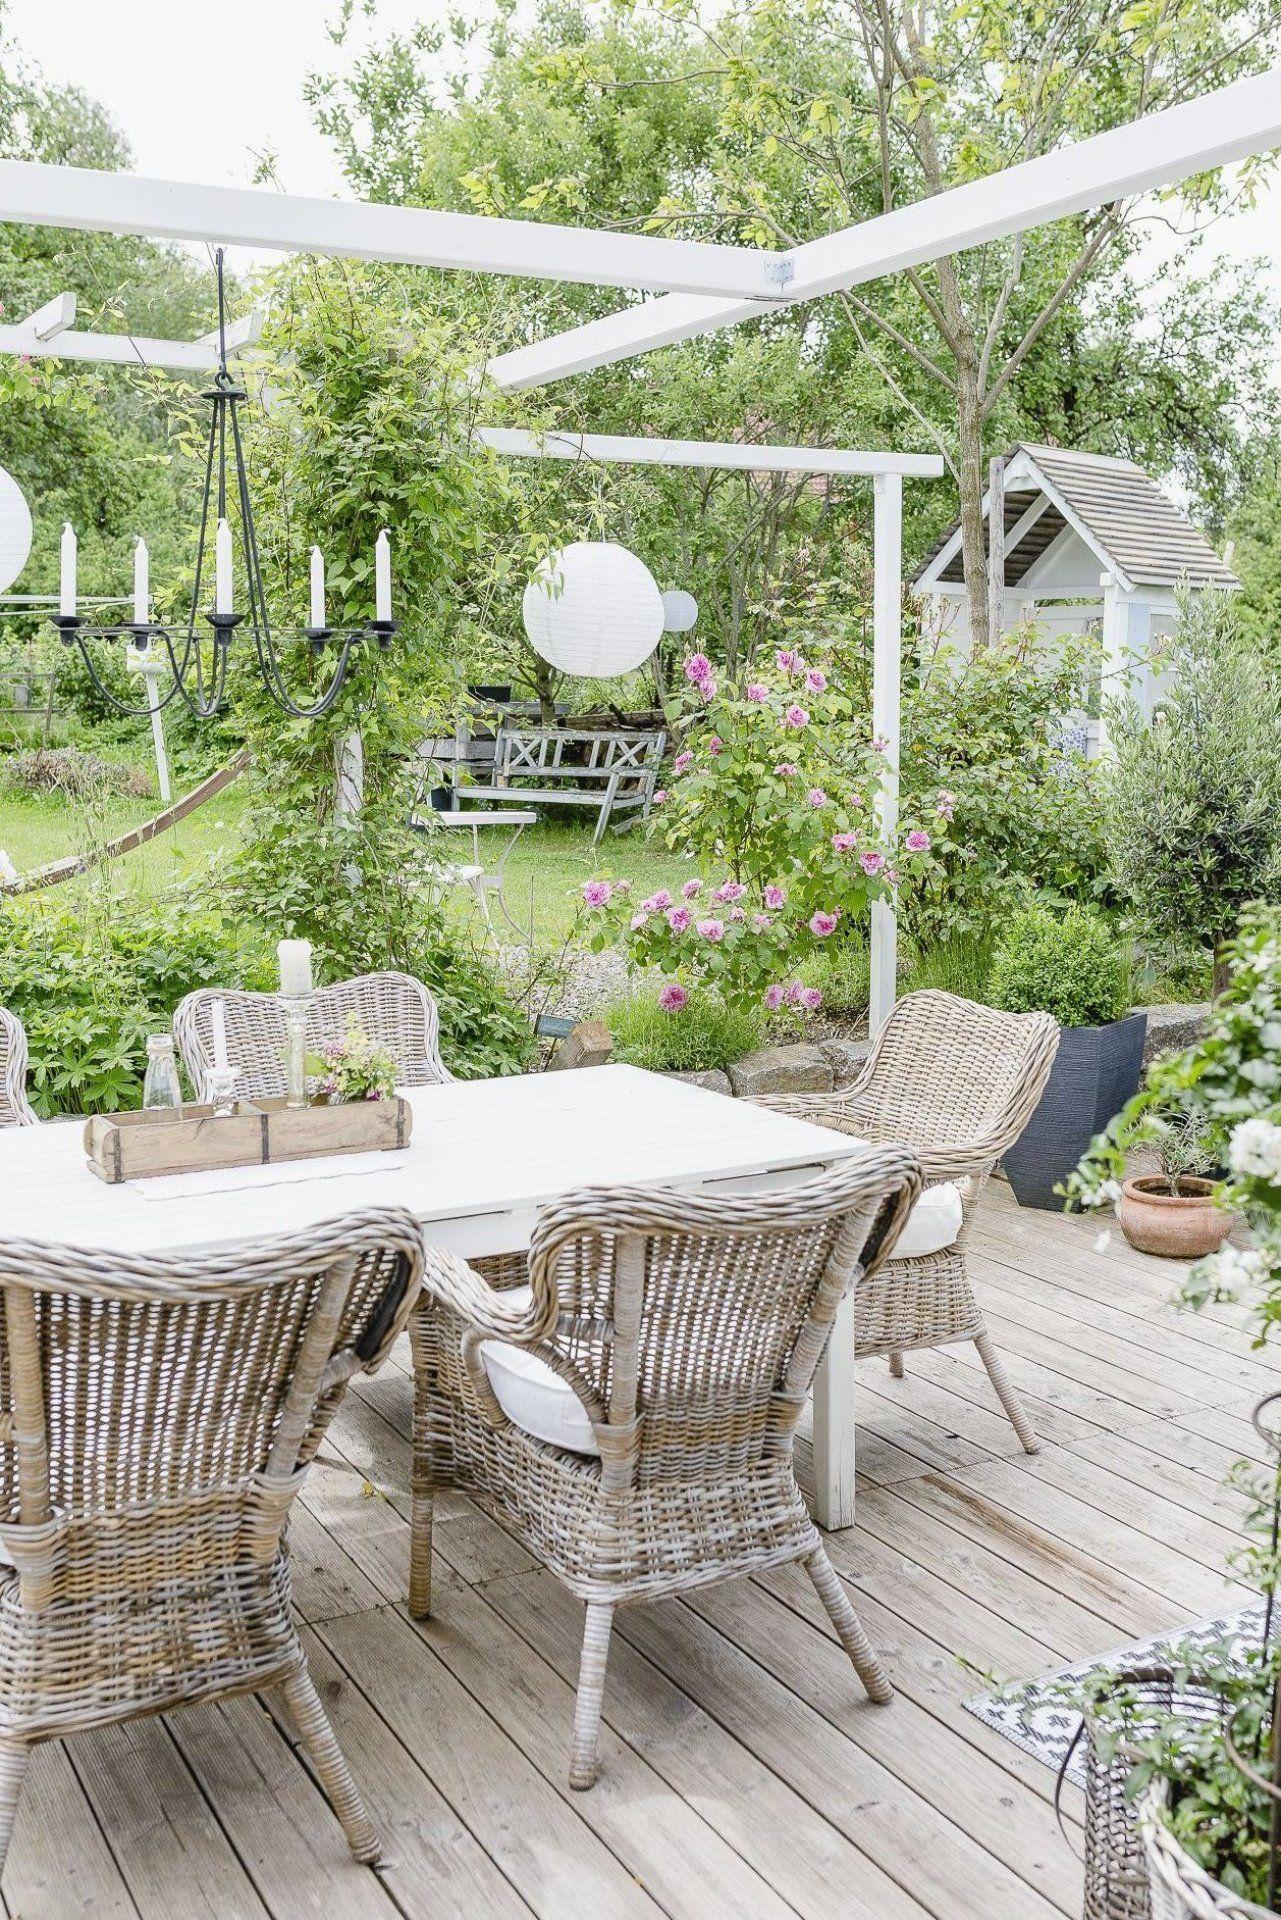 Gartenprojekt Die Erweiterung Der Pergola Garten Terrasse Gartendesign Gartenideen Garten Pergola Designs Garden Projects Pergola Garden